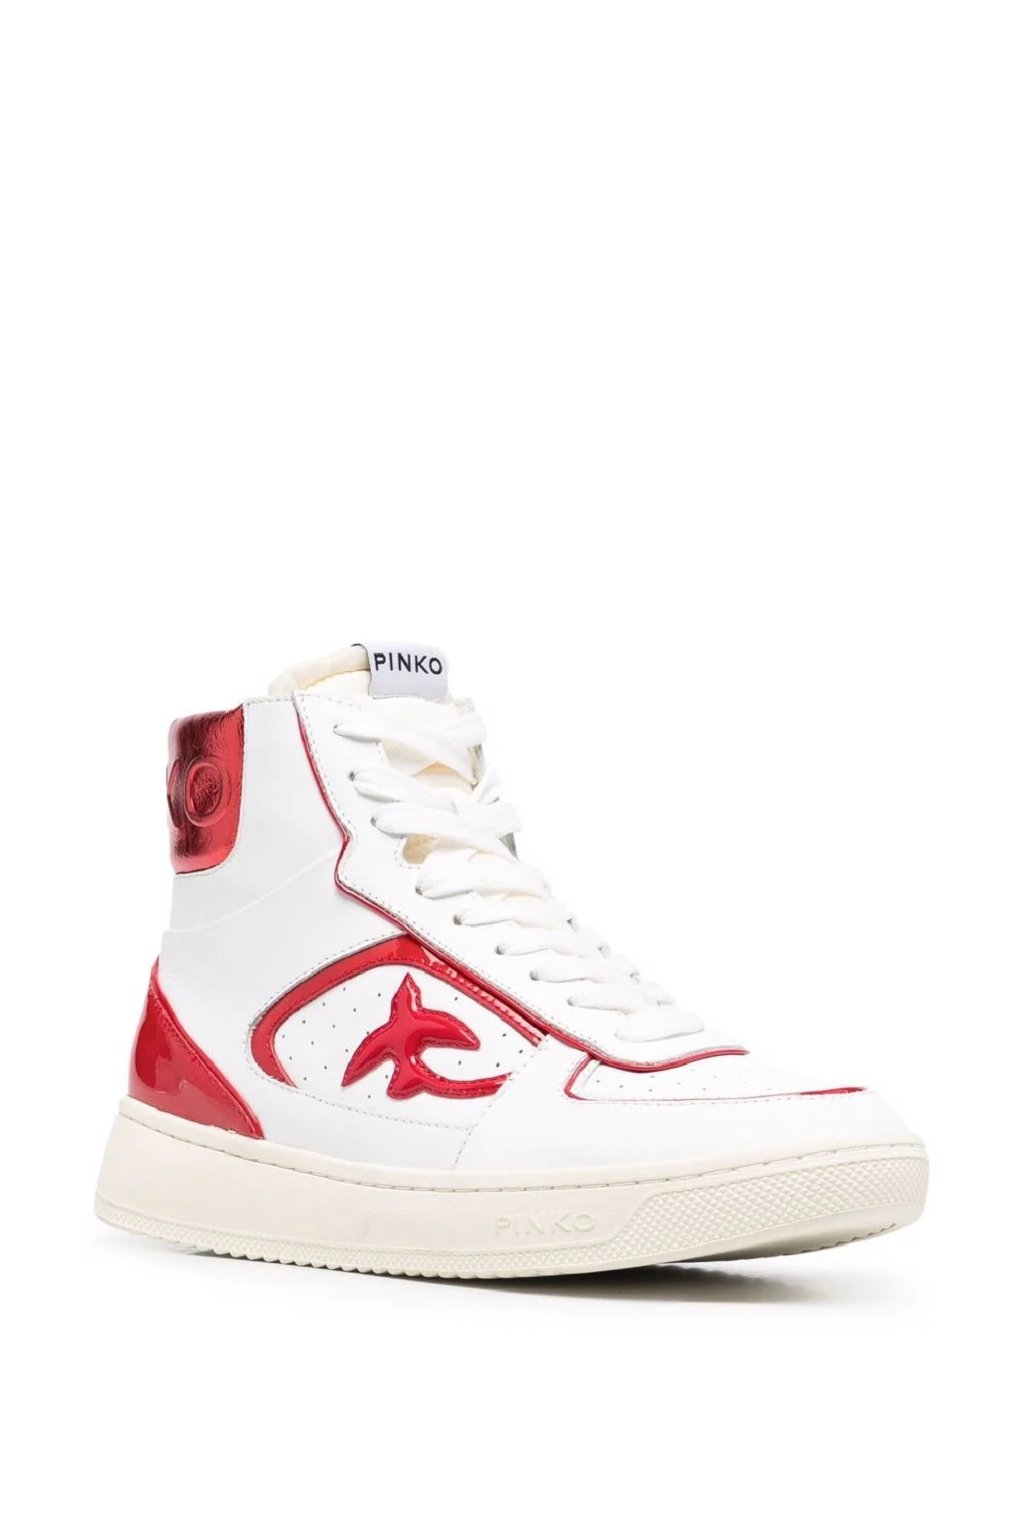 Dámské tenisky Pinko Harlow Basket High bílo červené